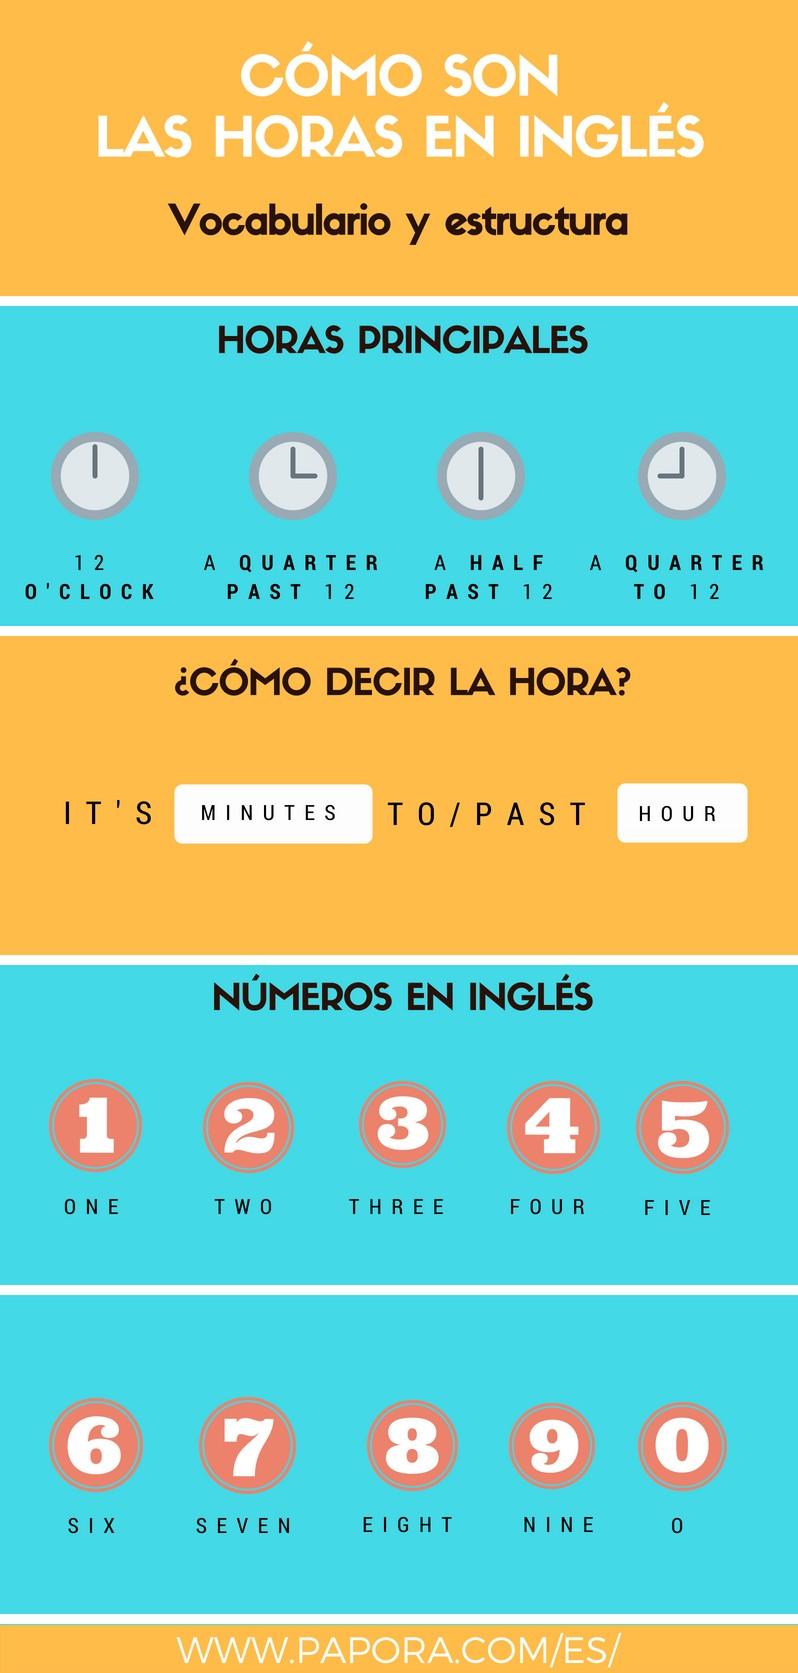 La hora en ingles - ejercicios de la hora en ingles con Papora